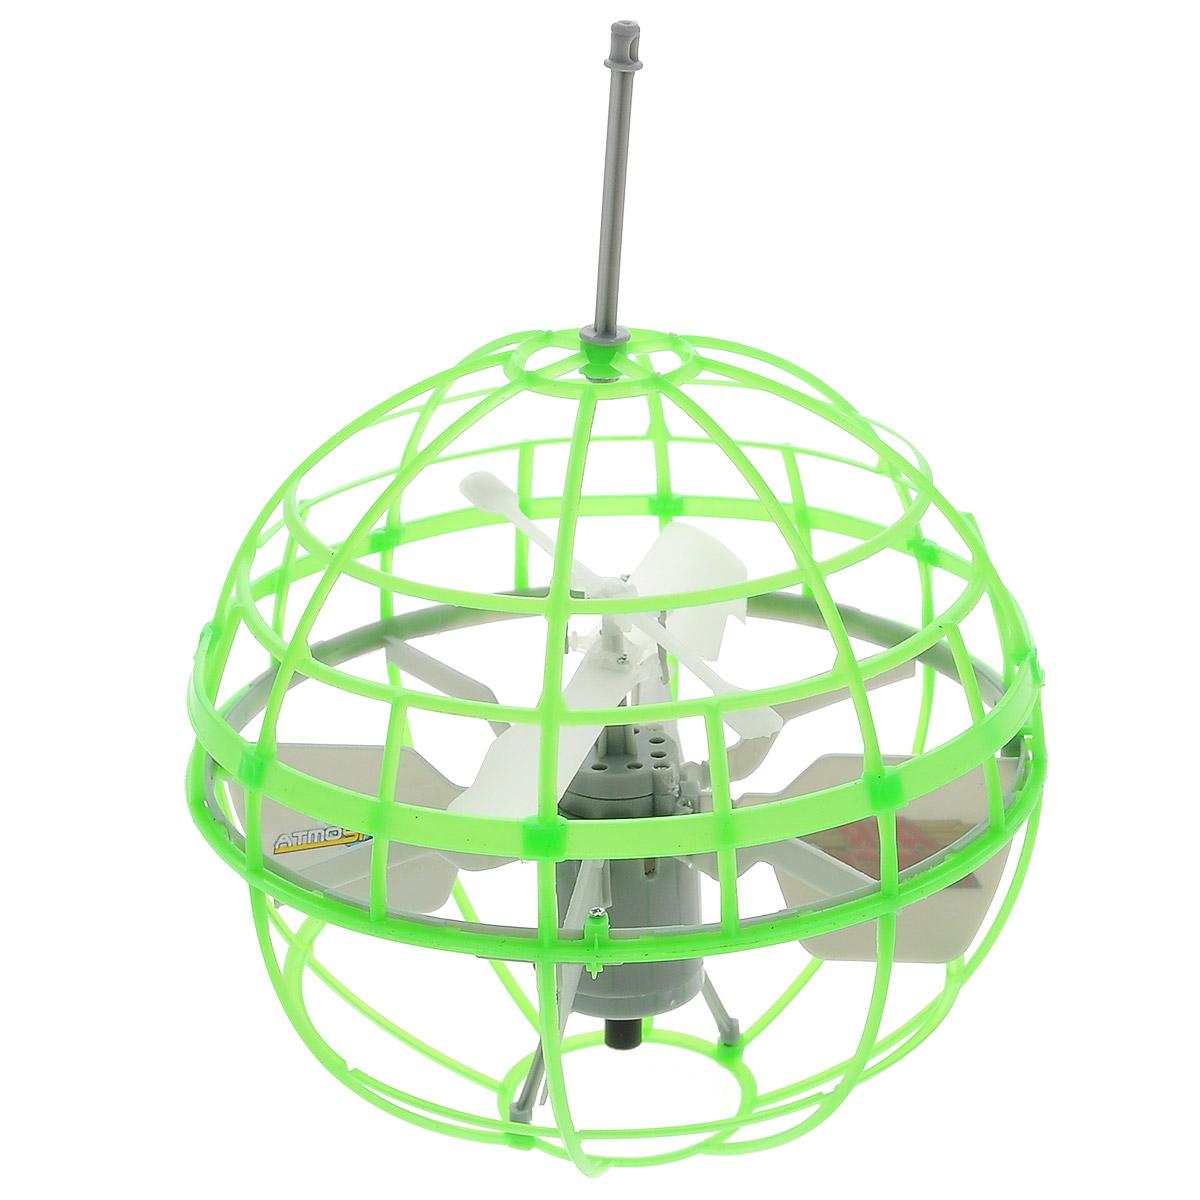 Air Hogs Игрушка на радиоуправлении Atmosphere Axis цвет зеленый44475Радиоуправляемая модель Air Hogs Летающий шар обязательно понравится вашему ребенку. Она выполнена из безопасных материалов в виде шара, внутри которого находится пропеллер. При включении шар взлетает в воздух. Управление игрушкой осуществляется рукой. Сферическая форма шара игрушки позволяет ей отталкиваться от препятствий. Выключение производится посредством переведения переключателя на устройстве управления в положение Оff. Игрушка заряжается в отключенном состоянии на зарядном устройстве - подставке. Игрушка работает от перезаряжаемого литий-полимерного элемента питания напряжением 3,7V (входит в комплект). Устройство управления работает от 6 батареек напряжением 1,5V типа АА (не входят в комплект).